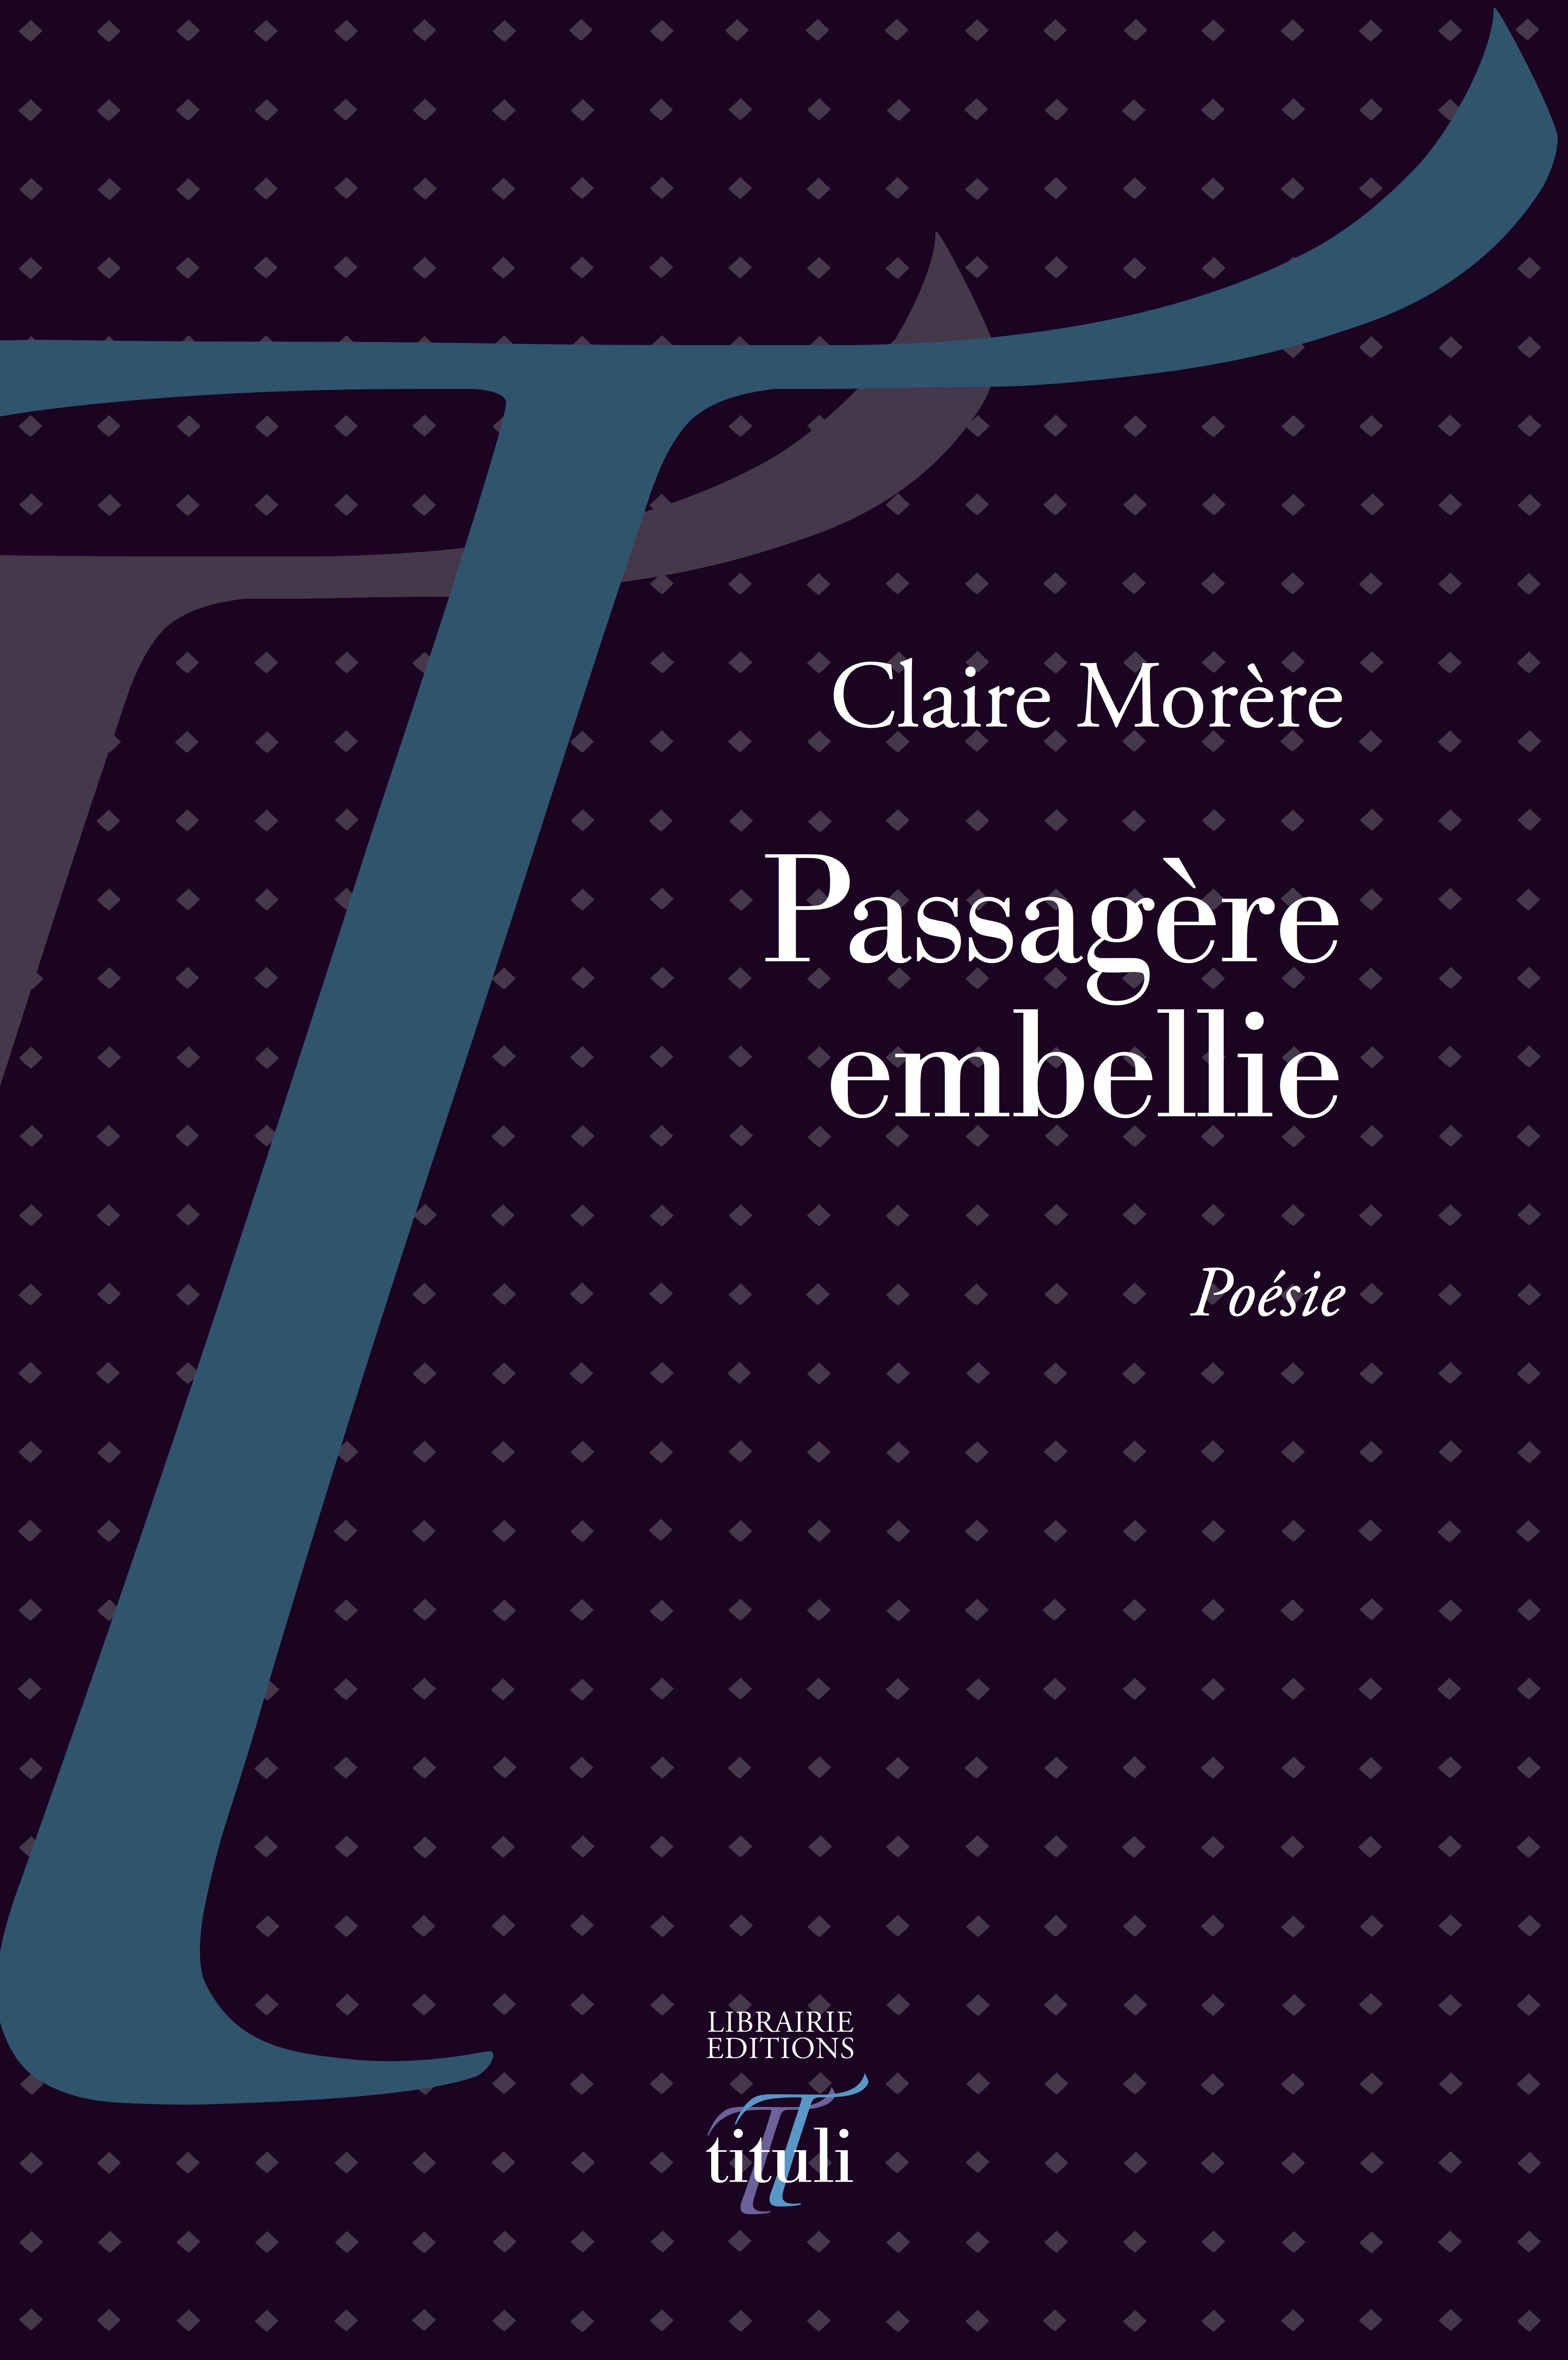 Claire Morère Passagère embellie